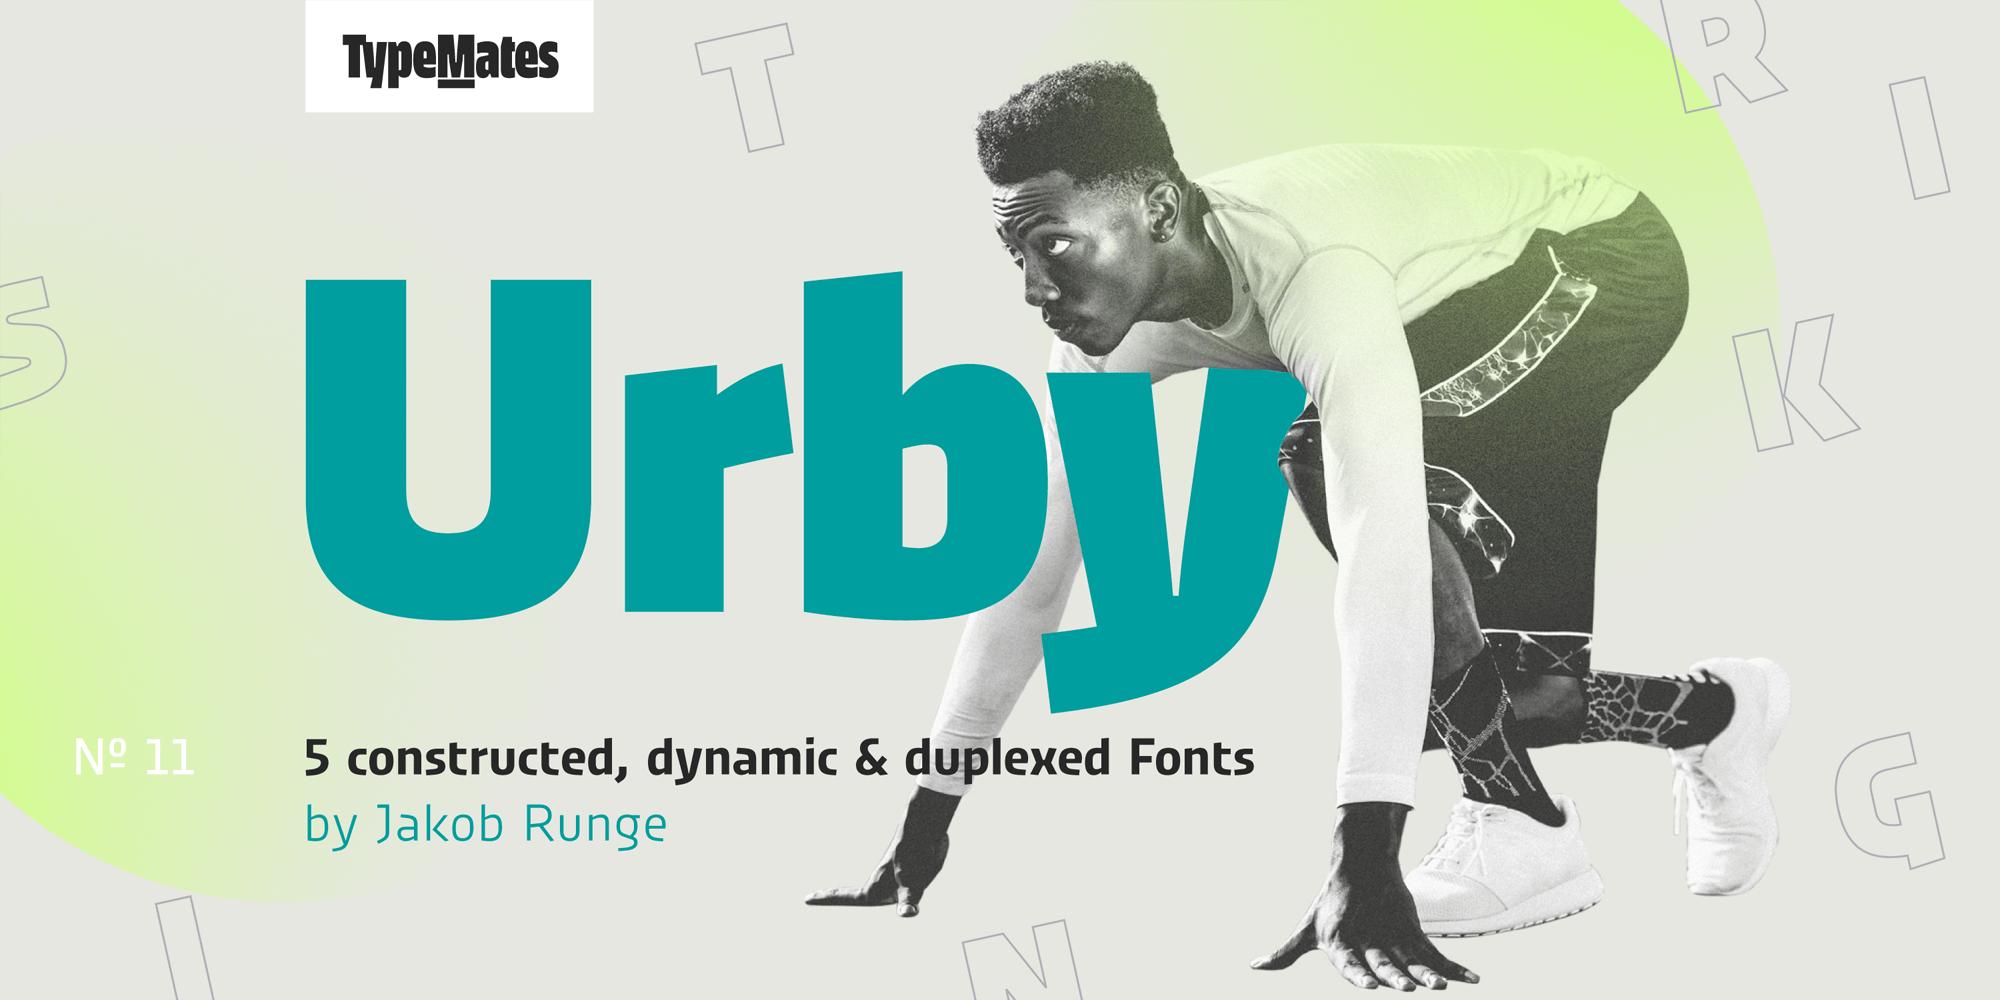 typemates-urby-slider-01